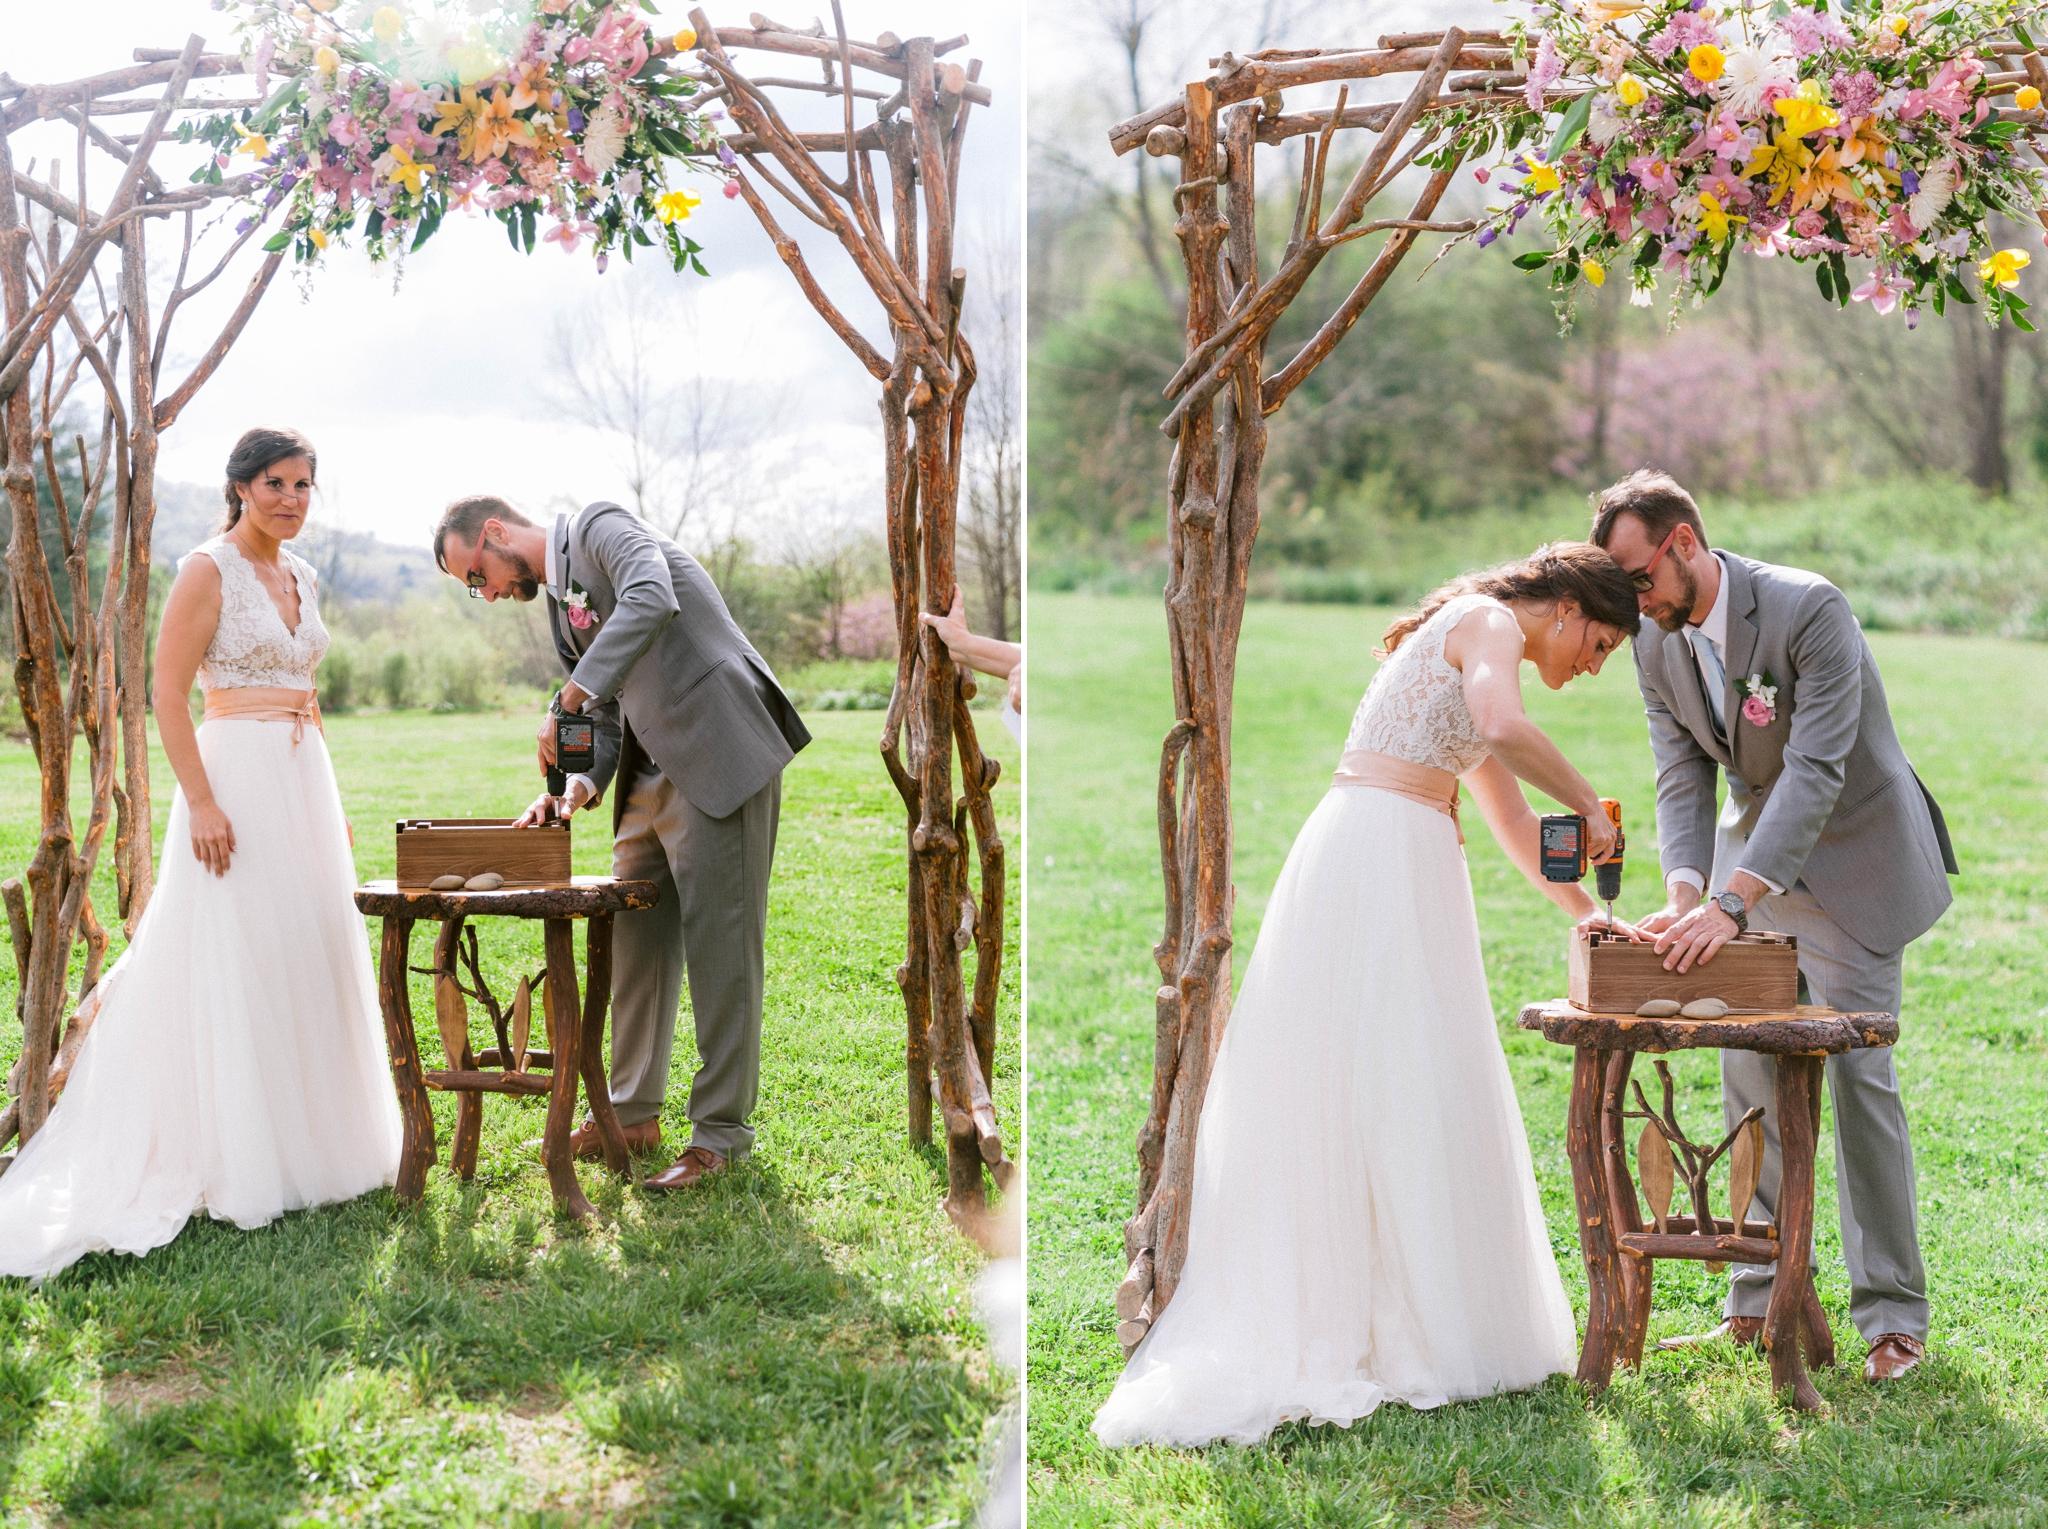 Kelly + Brian - Outdoor Garden Wedding - Honolulu Oahu Hawaii Wedding Photographer 38.jpg